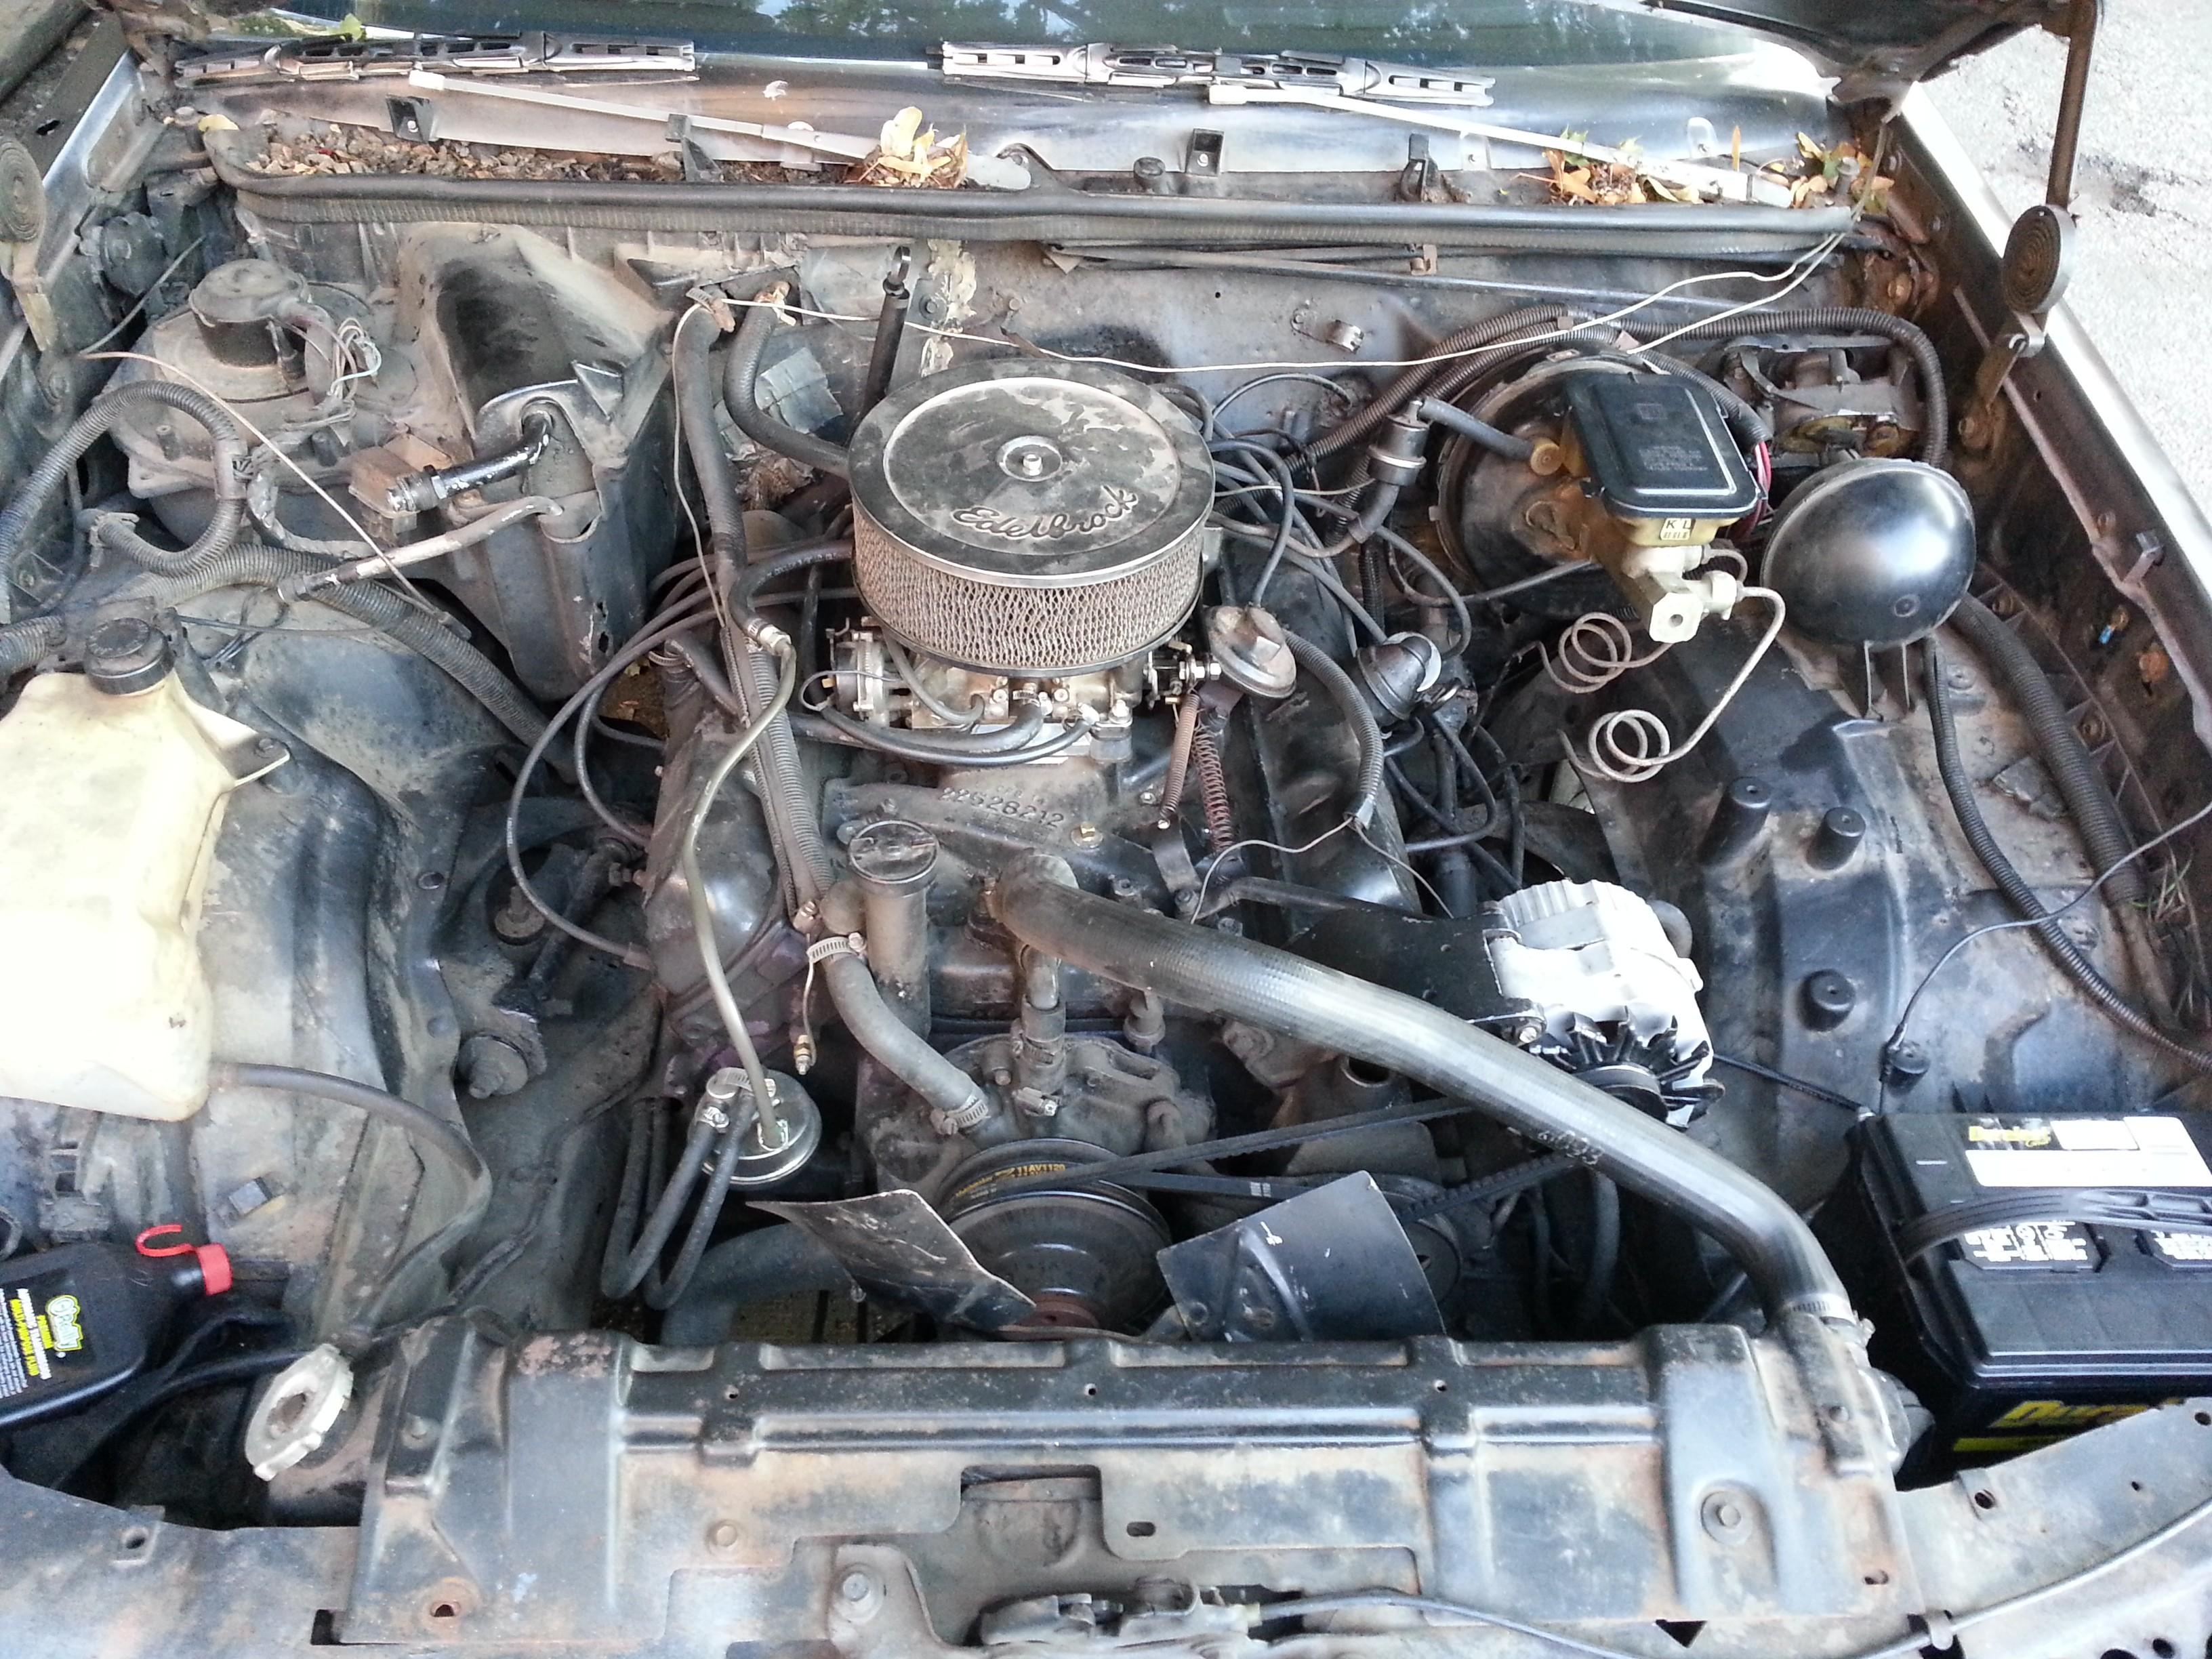 307 Oldsmobile Engine Diagram Together With 1984 Oldsmobile 307